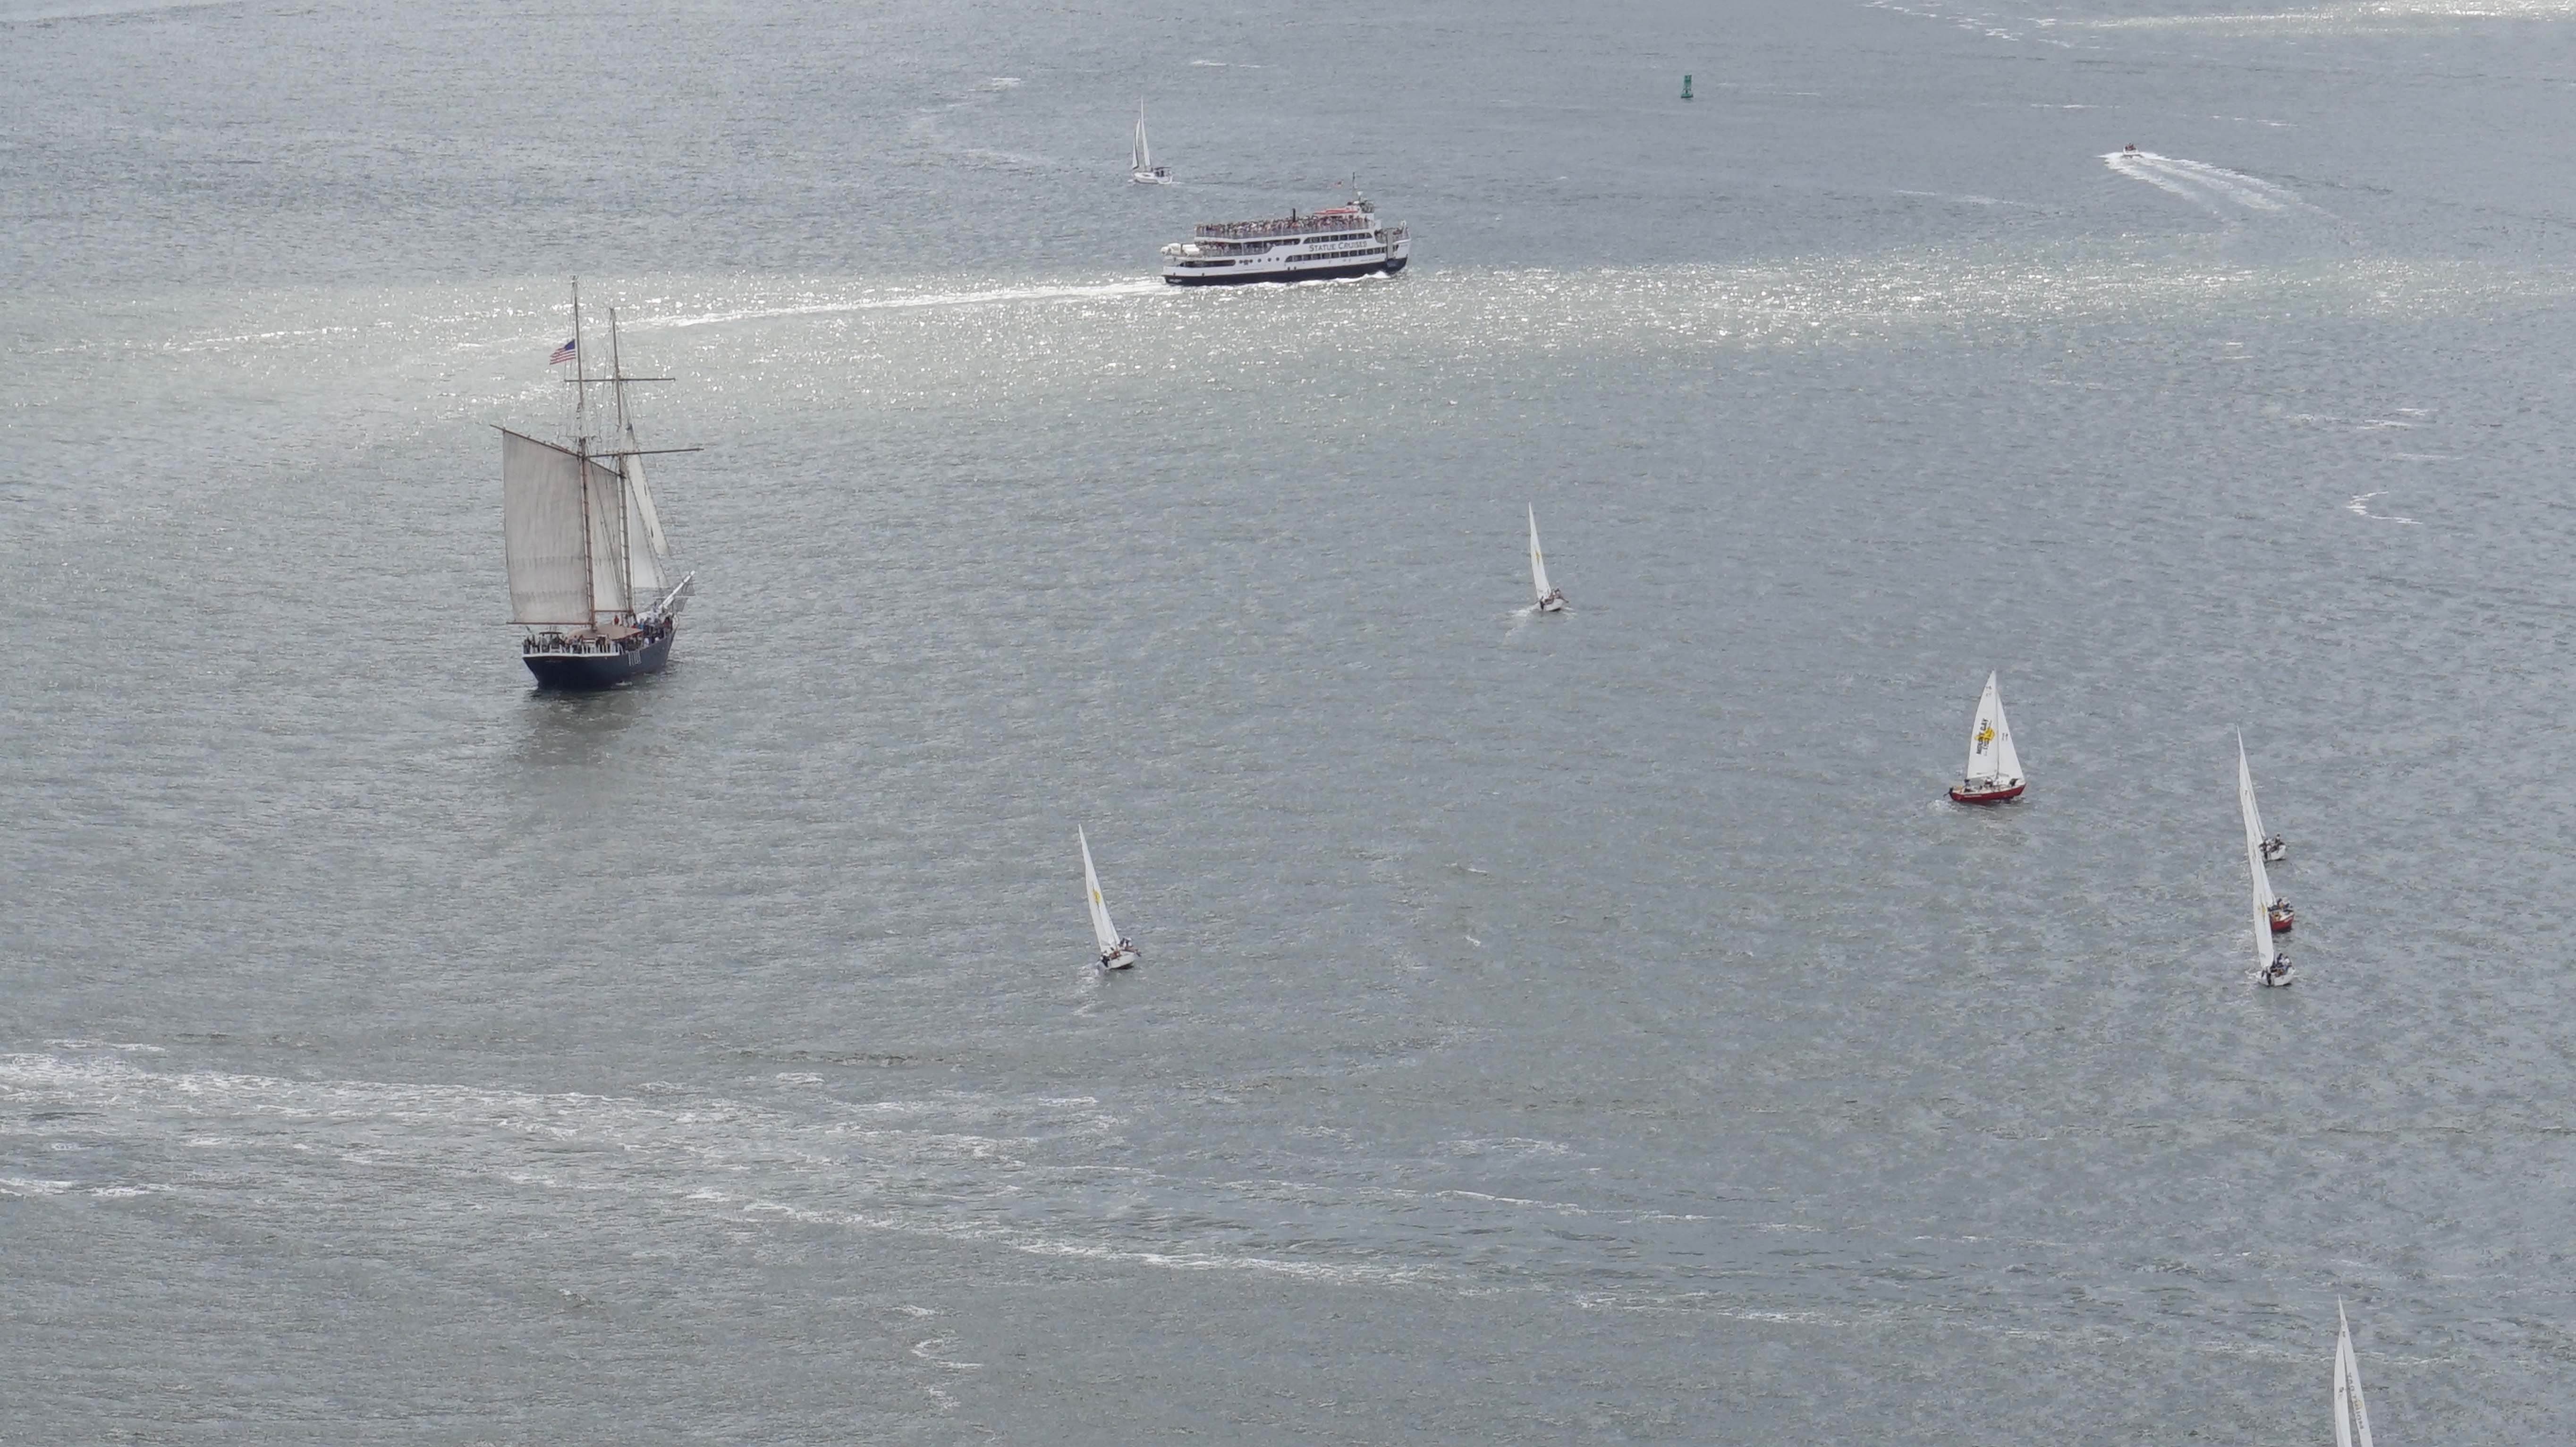 Boat races in Harbor 8-15-2014